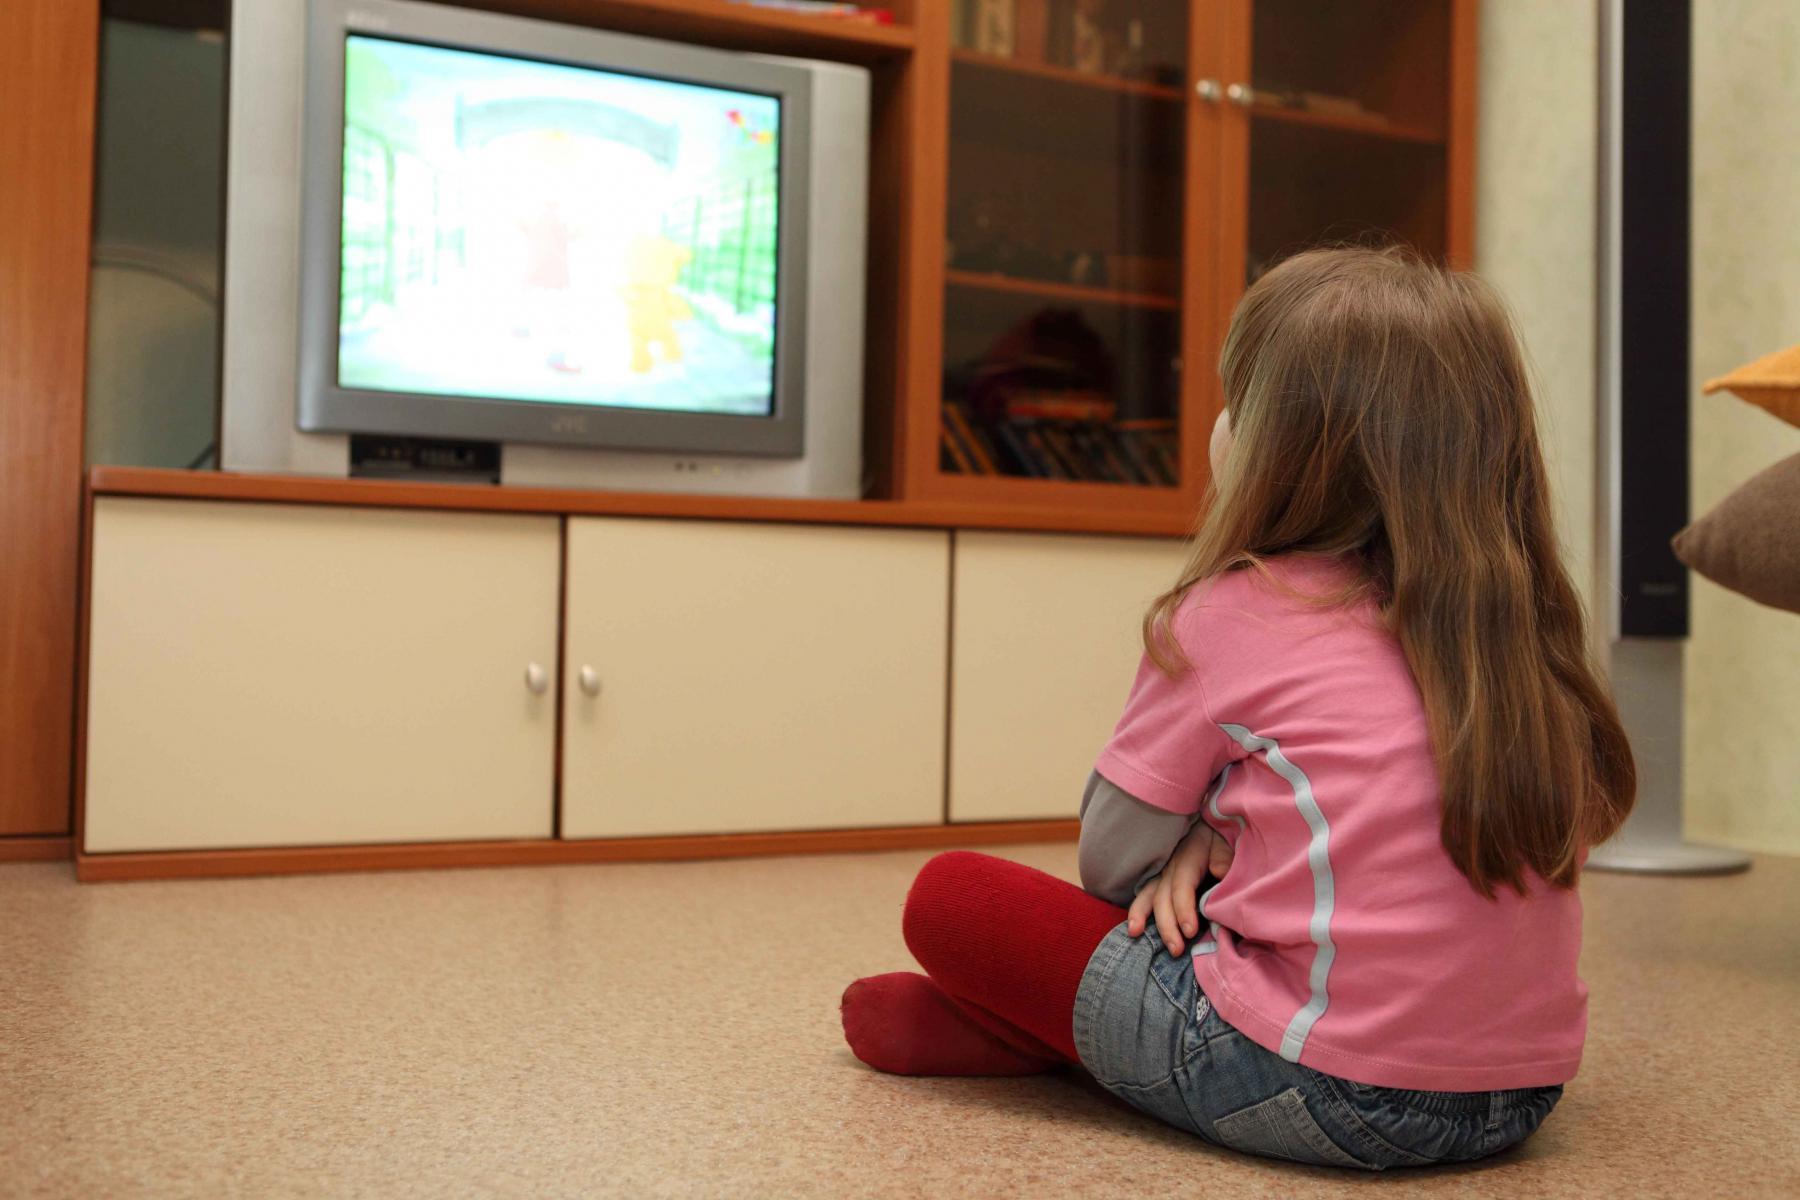 Обучать детей развитию речи при помощи видеоуроков - неэффективно